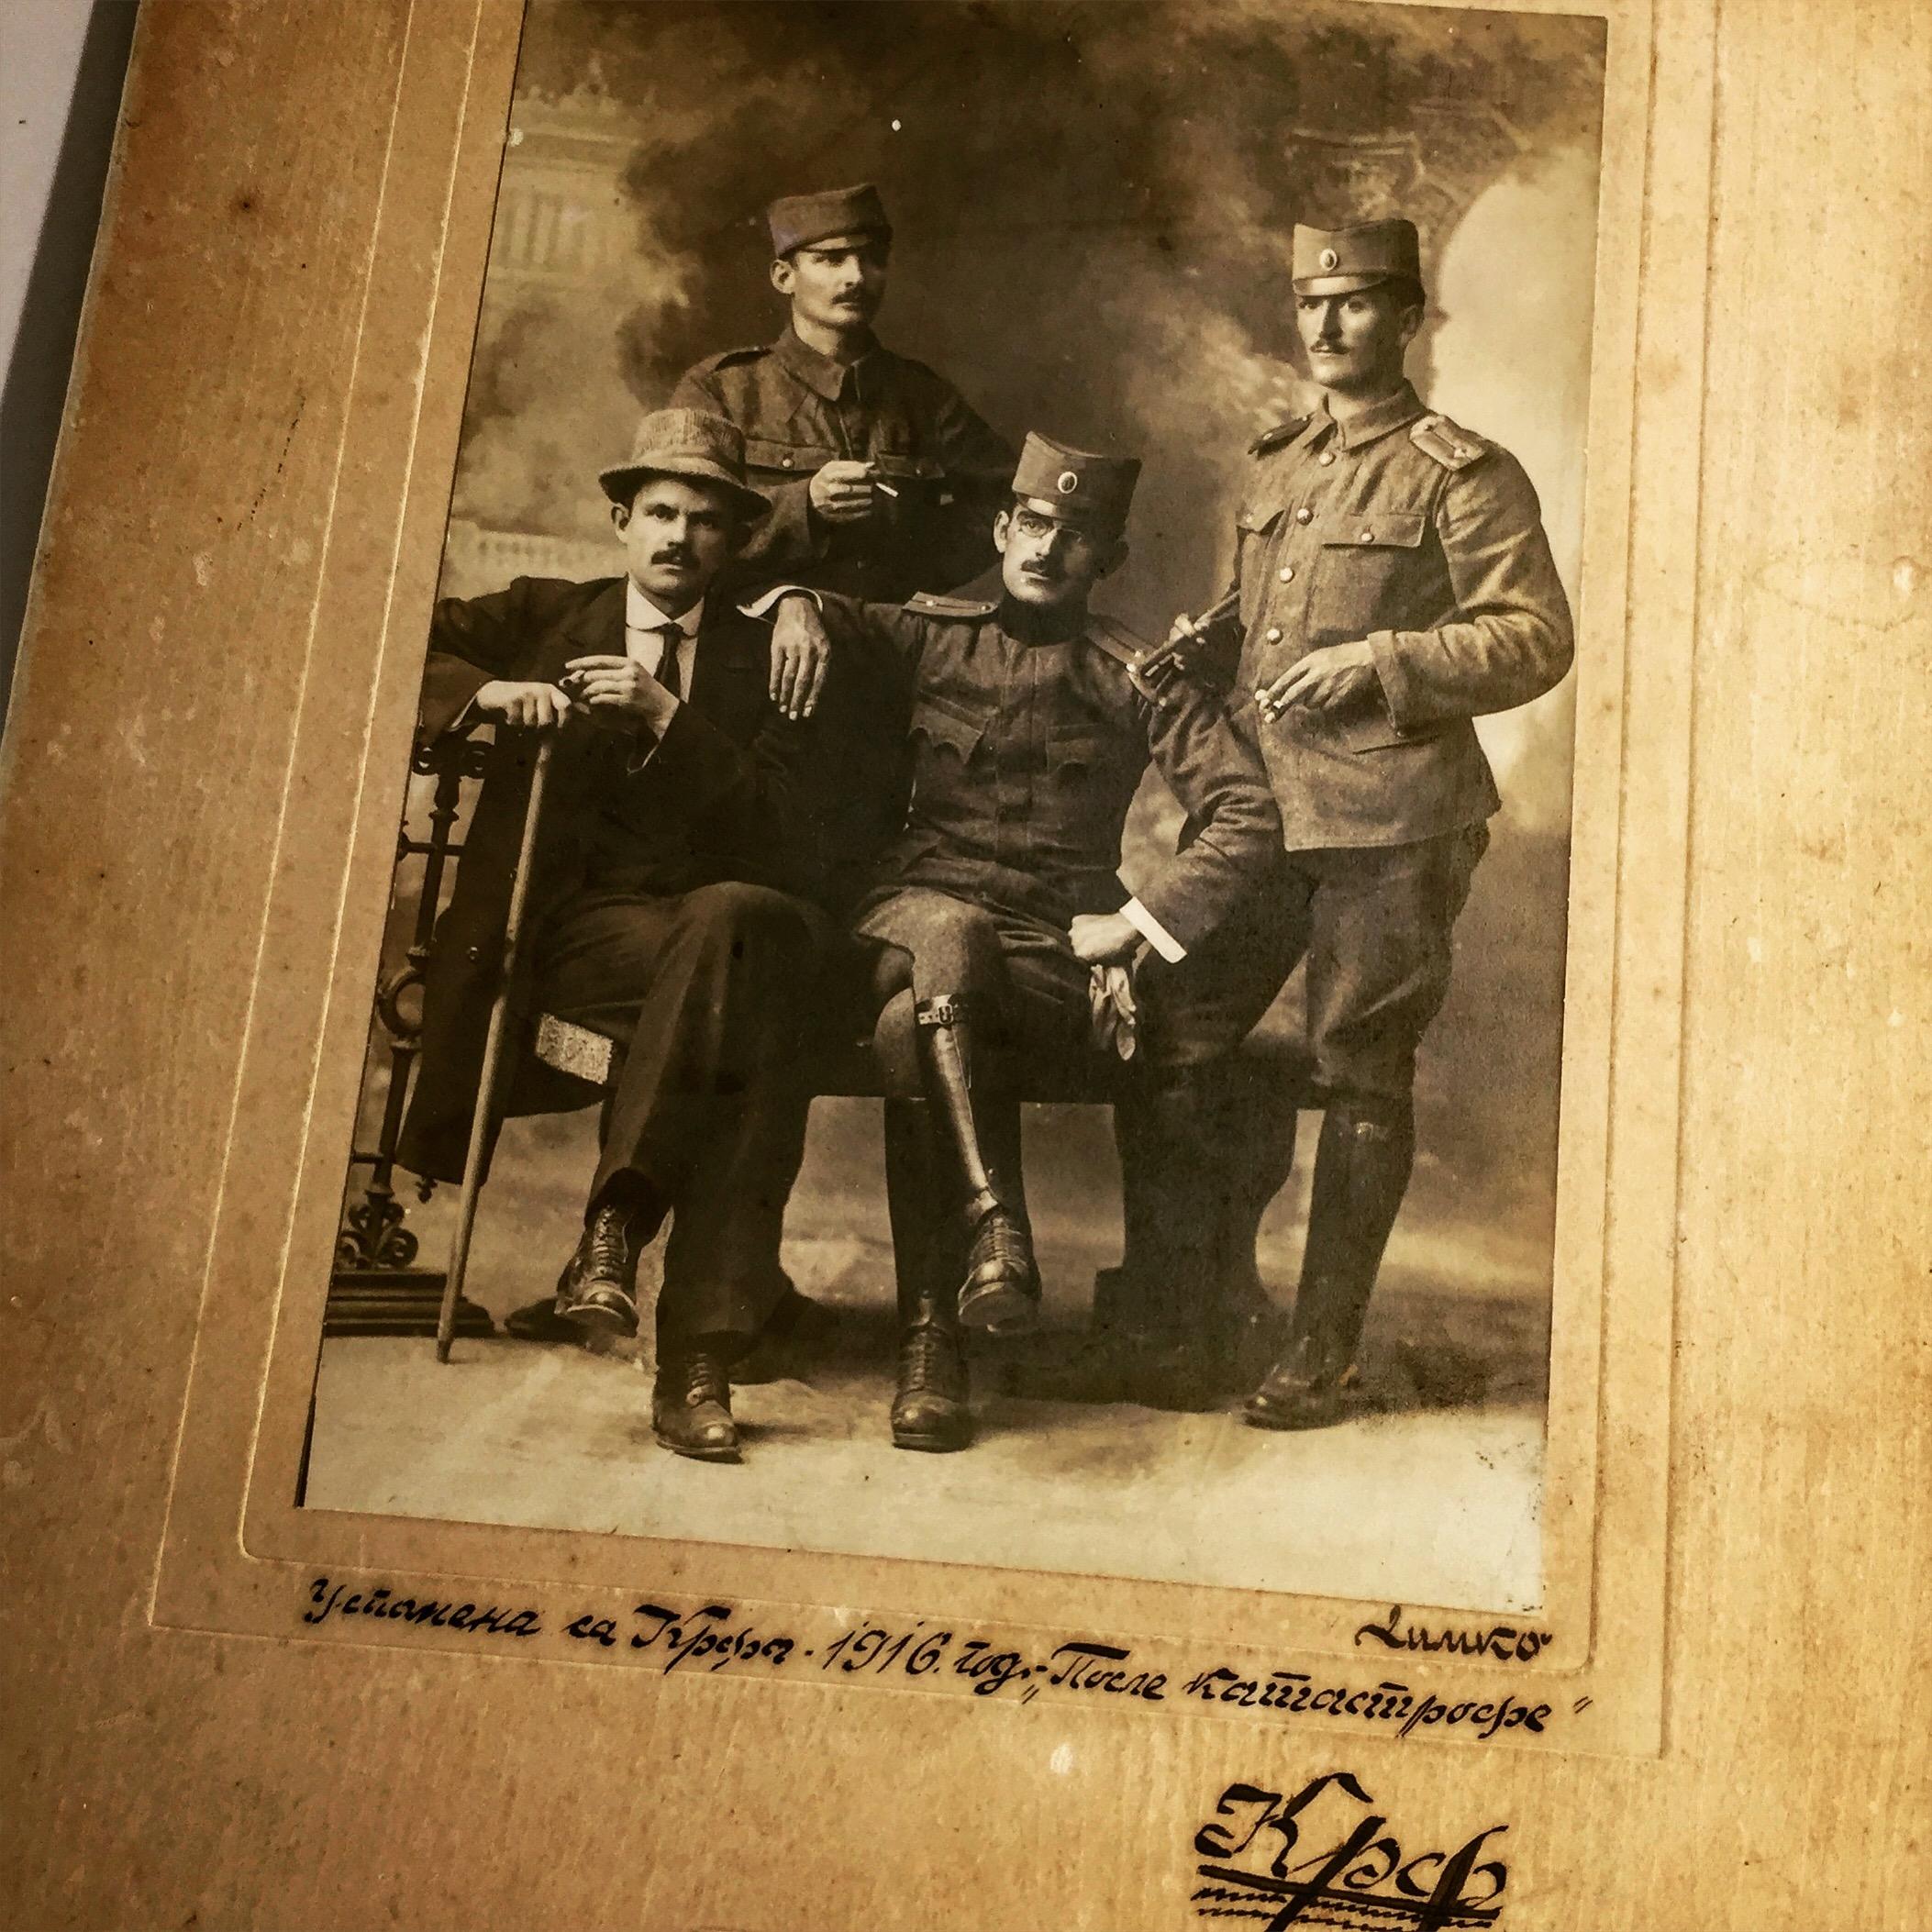 Uspomena sa Krfa 1916, posle katastrofe. Fotografija iz postavke Srpske kuće na Krfu